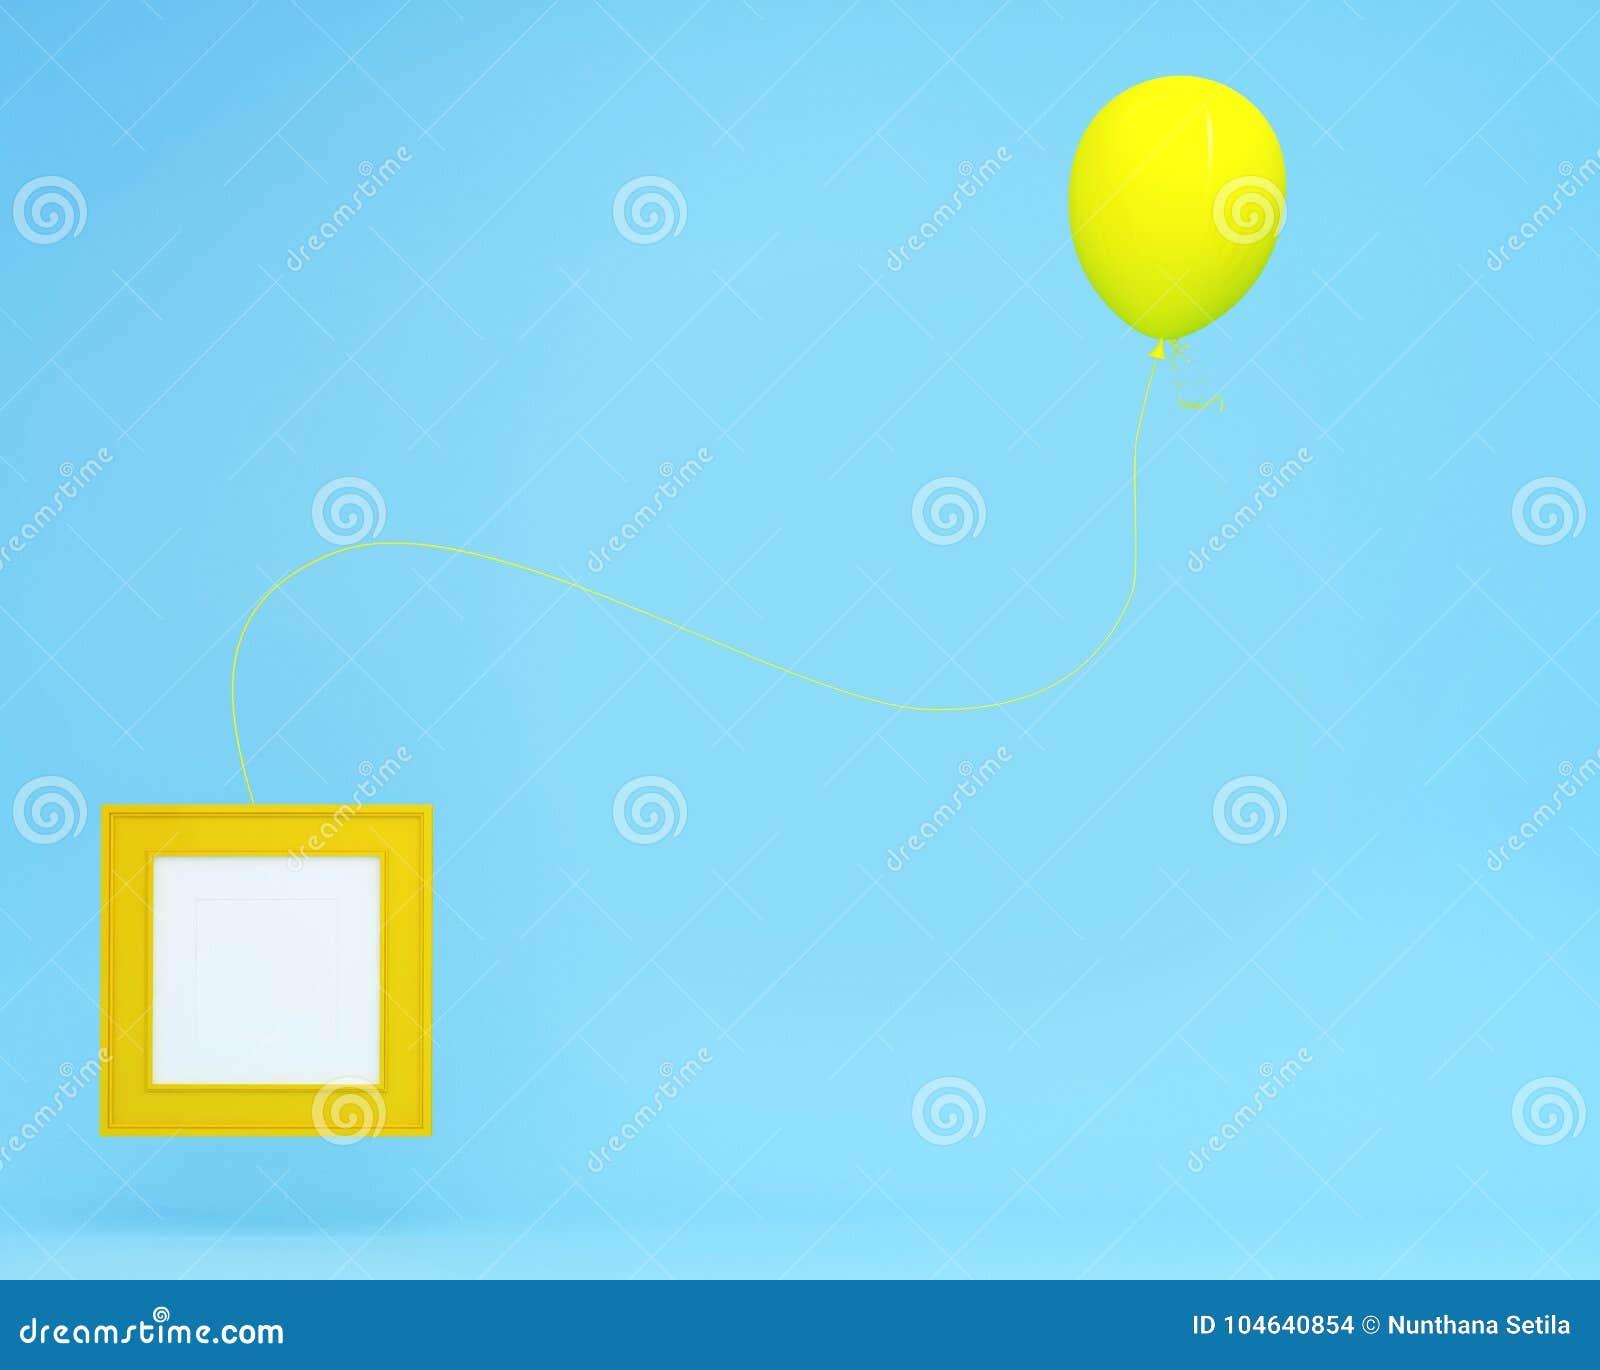 Download Opmerkelijke Gele Ballon Die Met Omlijsting Op Blauwe Achtergrond Drijven Minimaal Conceptenidee Omlijsting Wordt Gebruikt Om Pic Stock Illustratie - Illustratie bestaande uit ballon, mooi: 104640854